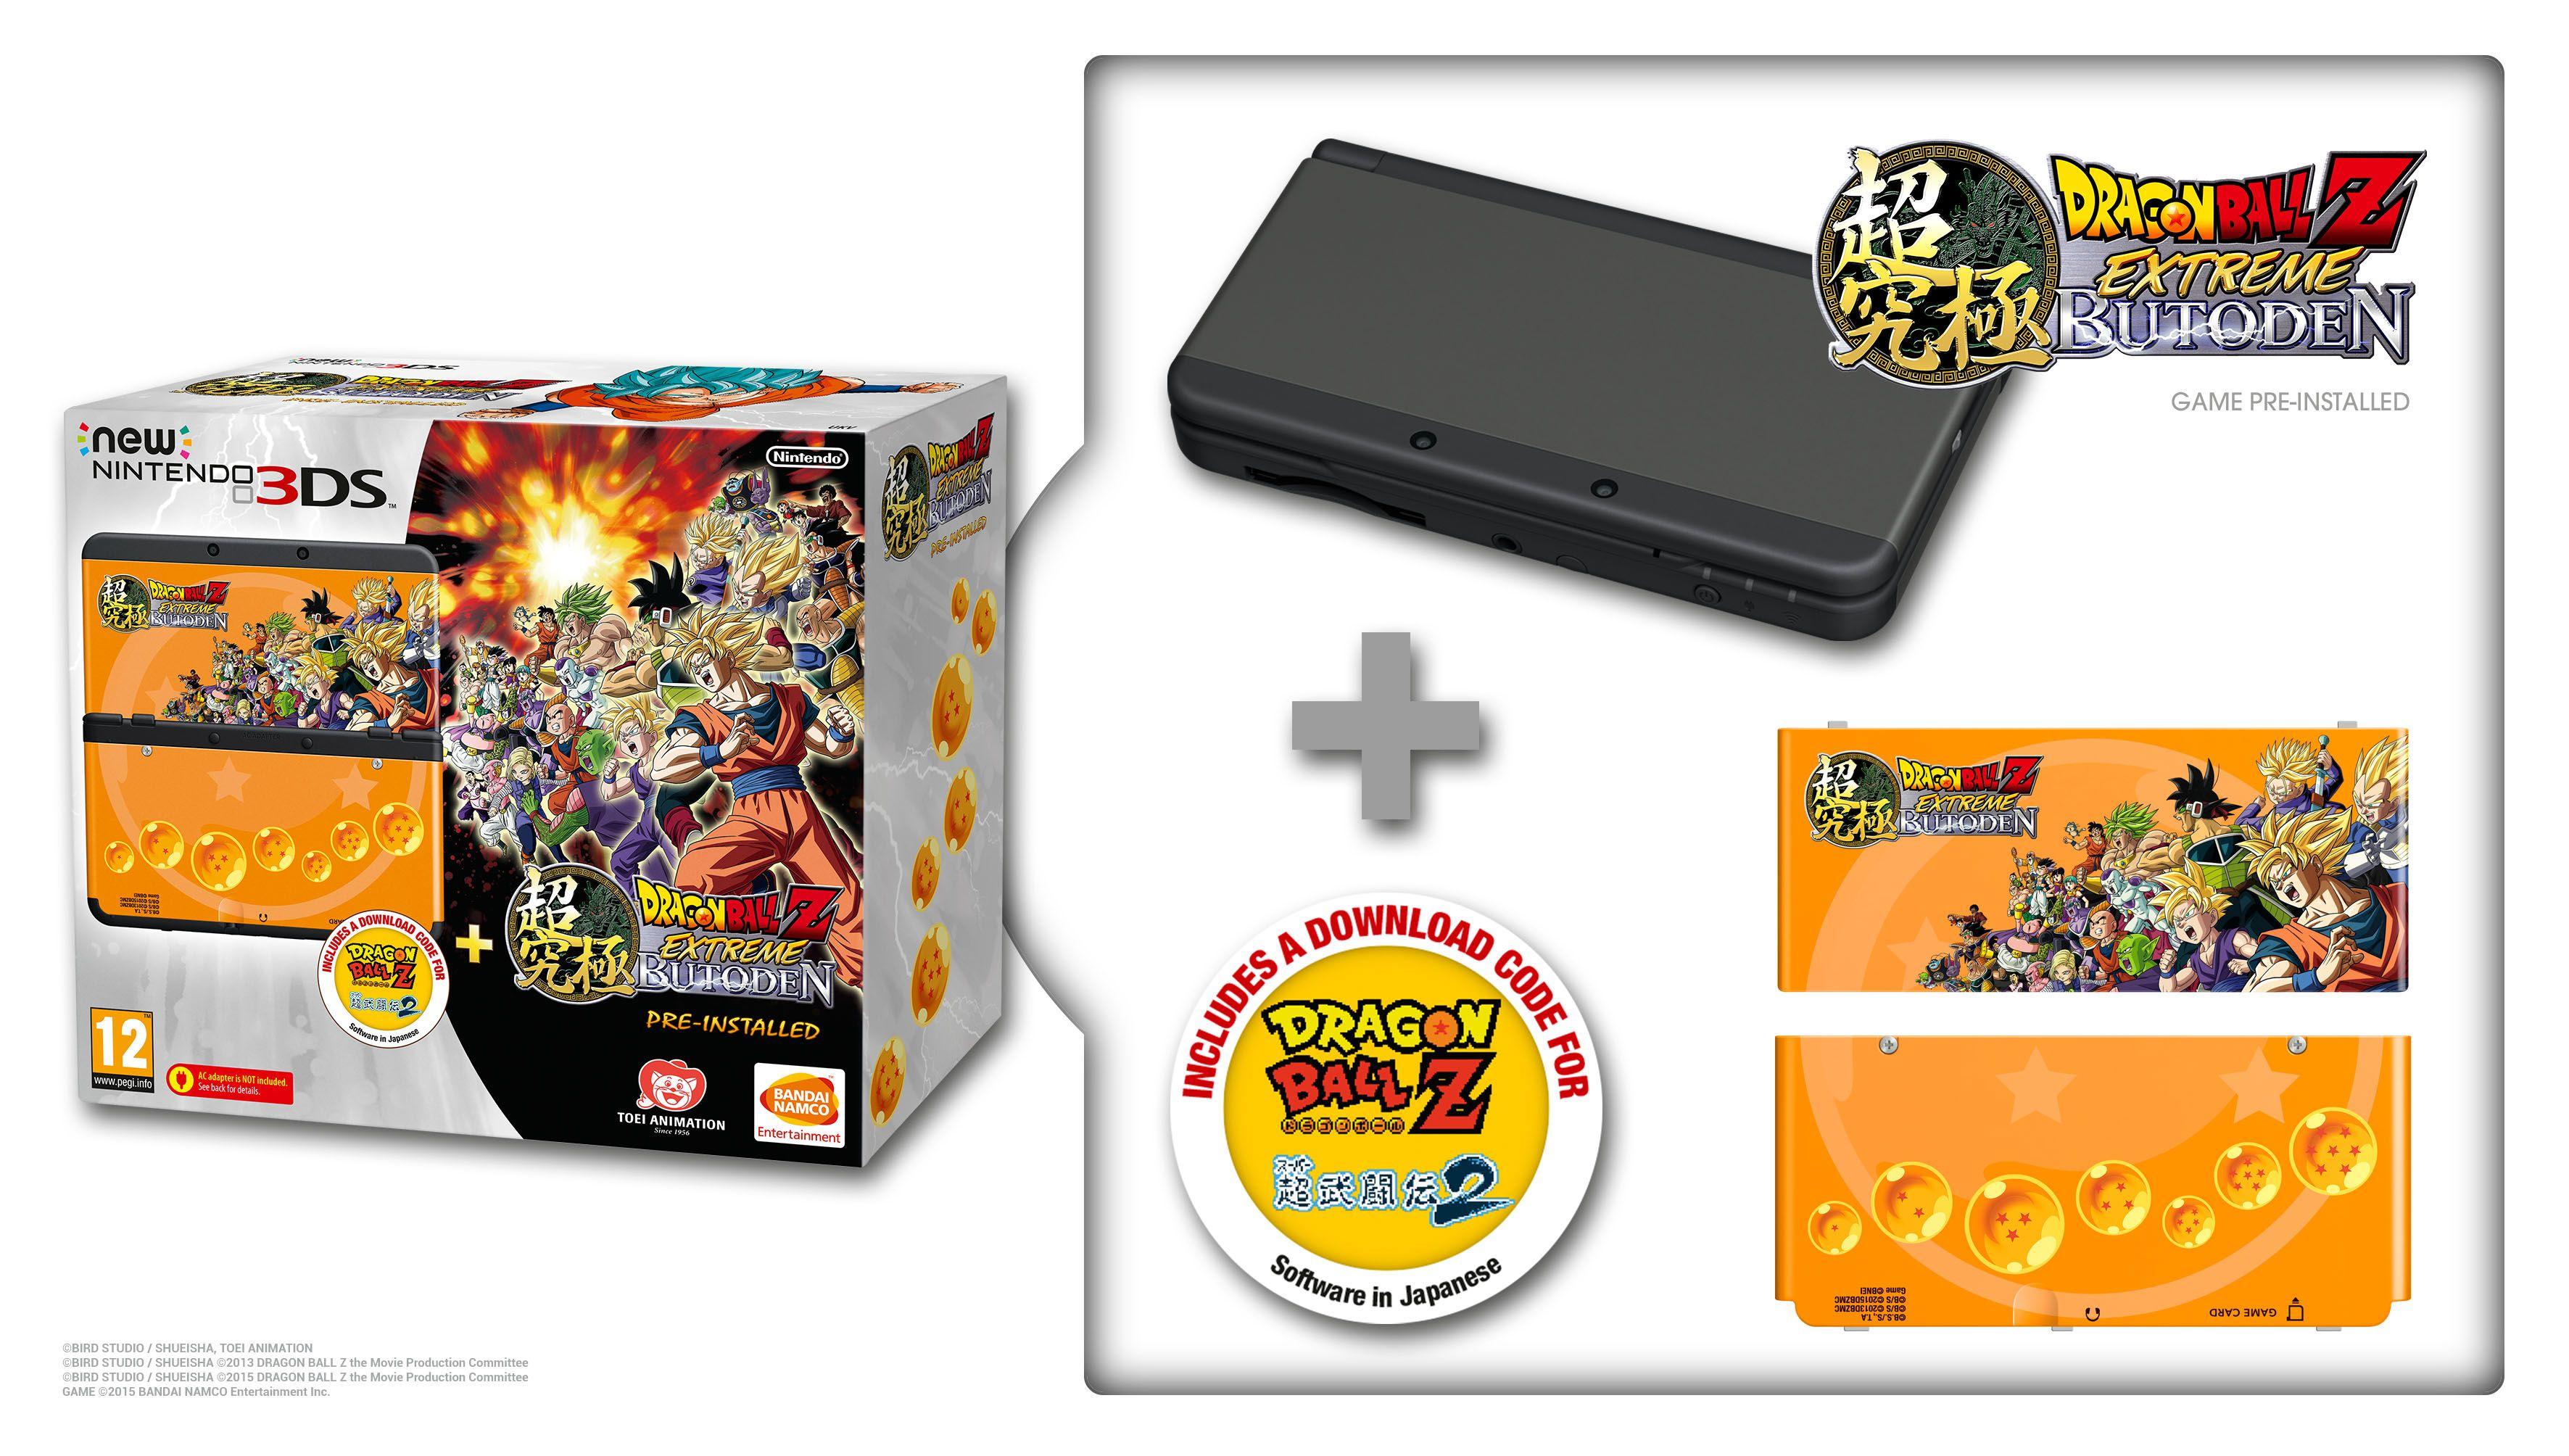 Muestran DBZ Extreme Butoden bundle con 3DS - PR Gamer